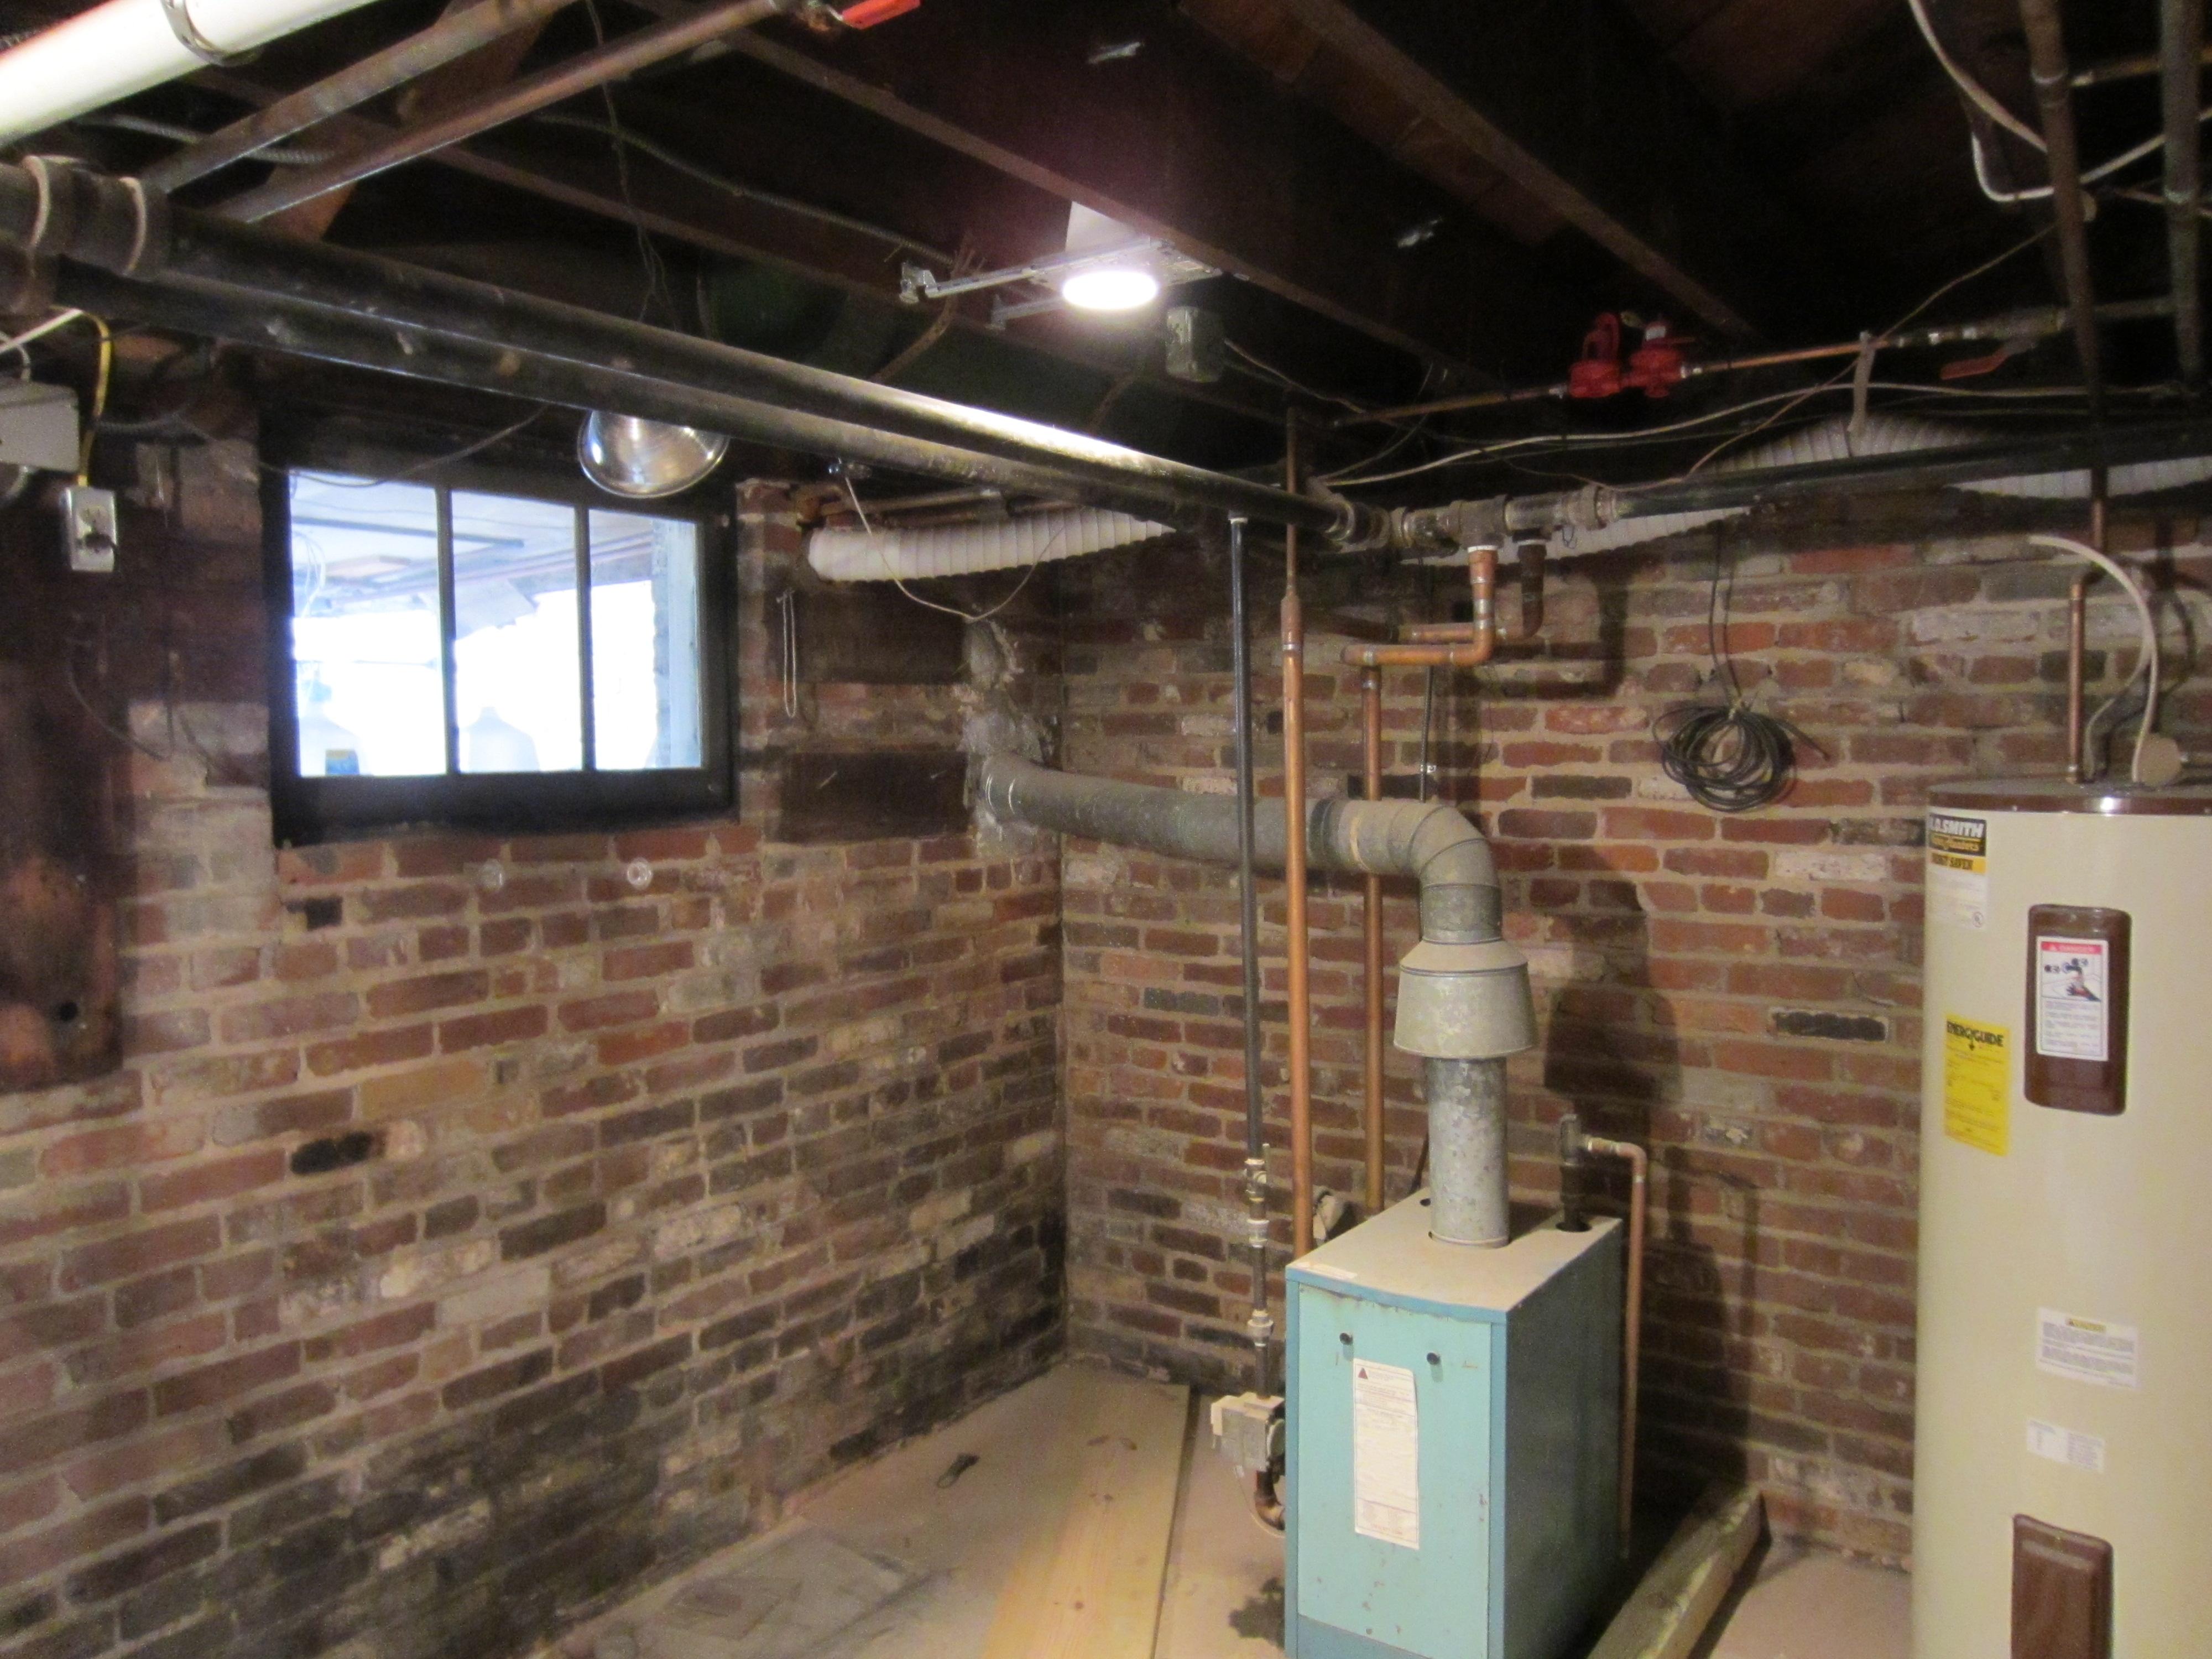 basement utilities reach critical mass